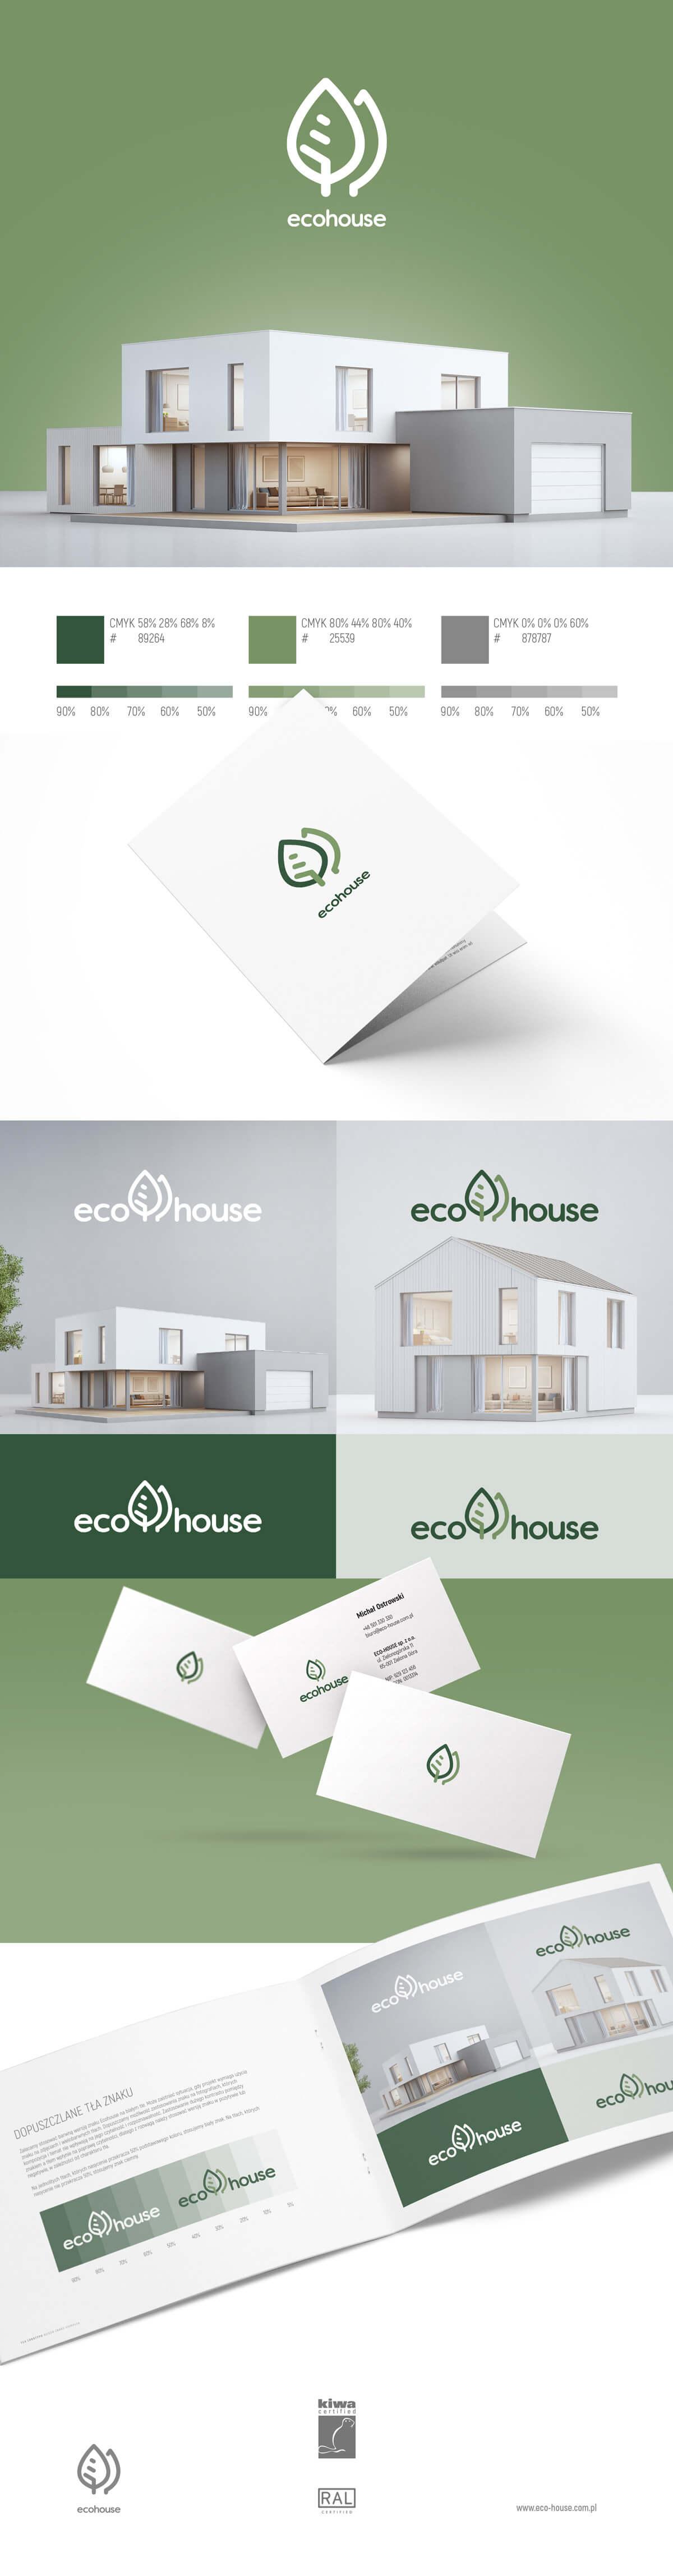 Ecohouse – enegrooszczędne domy modułowe